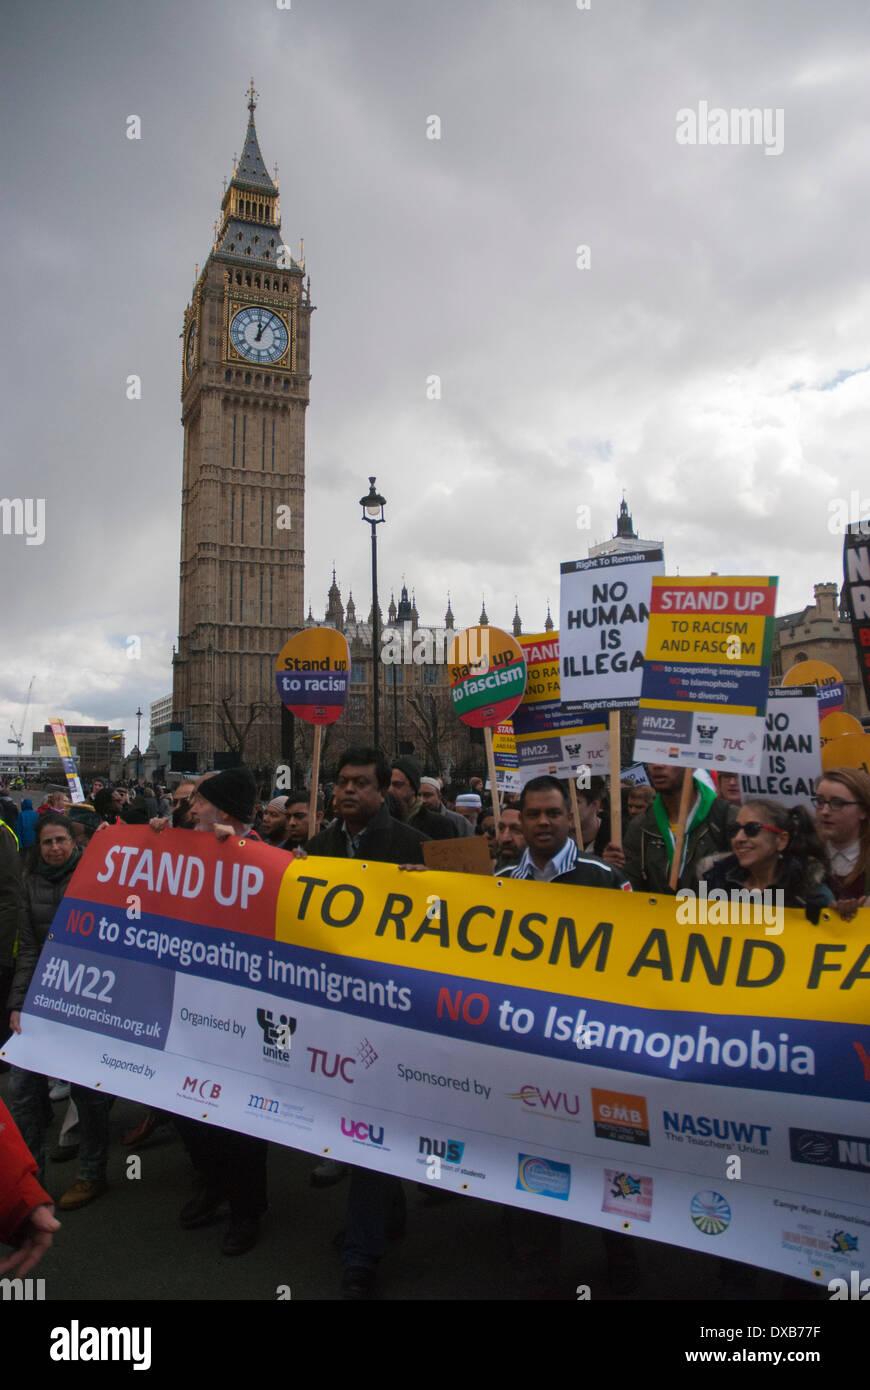 Londres, Reino Unido. El 22 de marzo de 2014. El antirracismo marchas rally pasado Big Ben de Londres, la torre del reloj. Crédito: Peter Manning/Alamy Live News Imagen De Stock